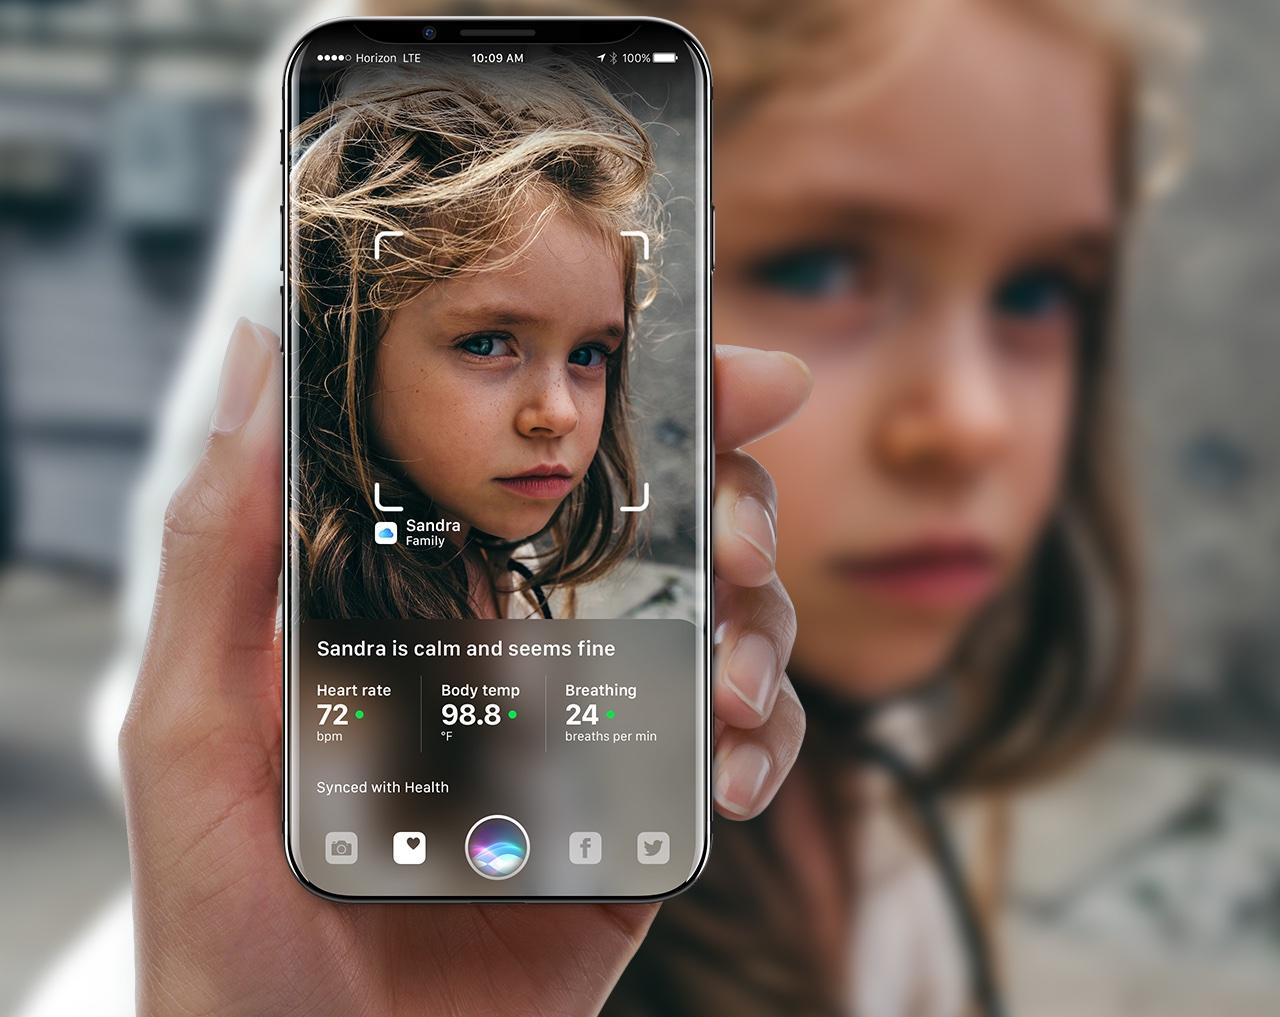 Iphone Entfernungsmesser Iphone : Iphone d laser für augmented reality und bessere